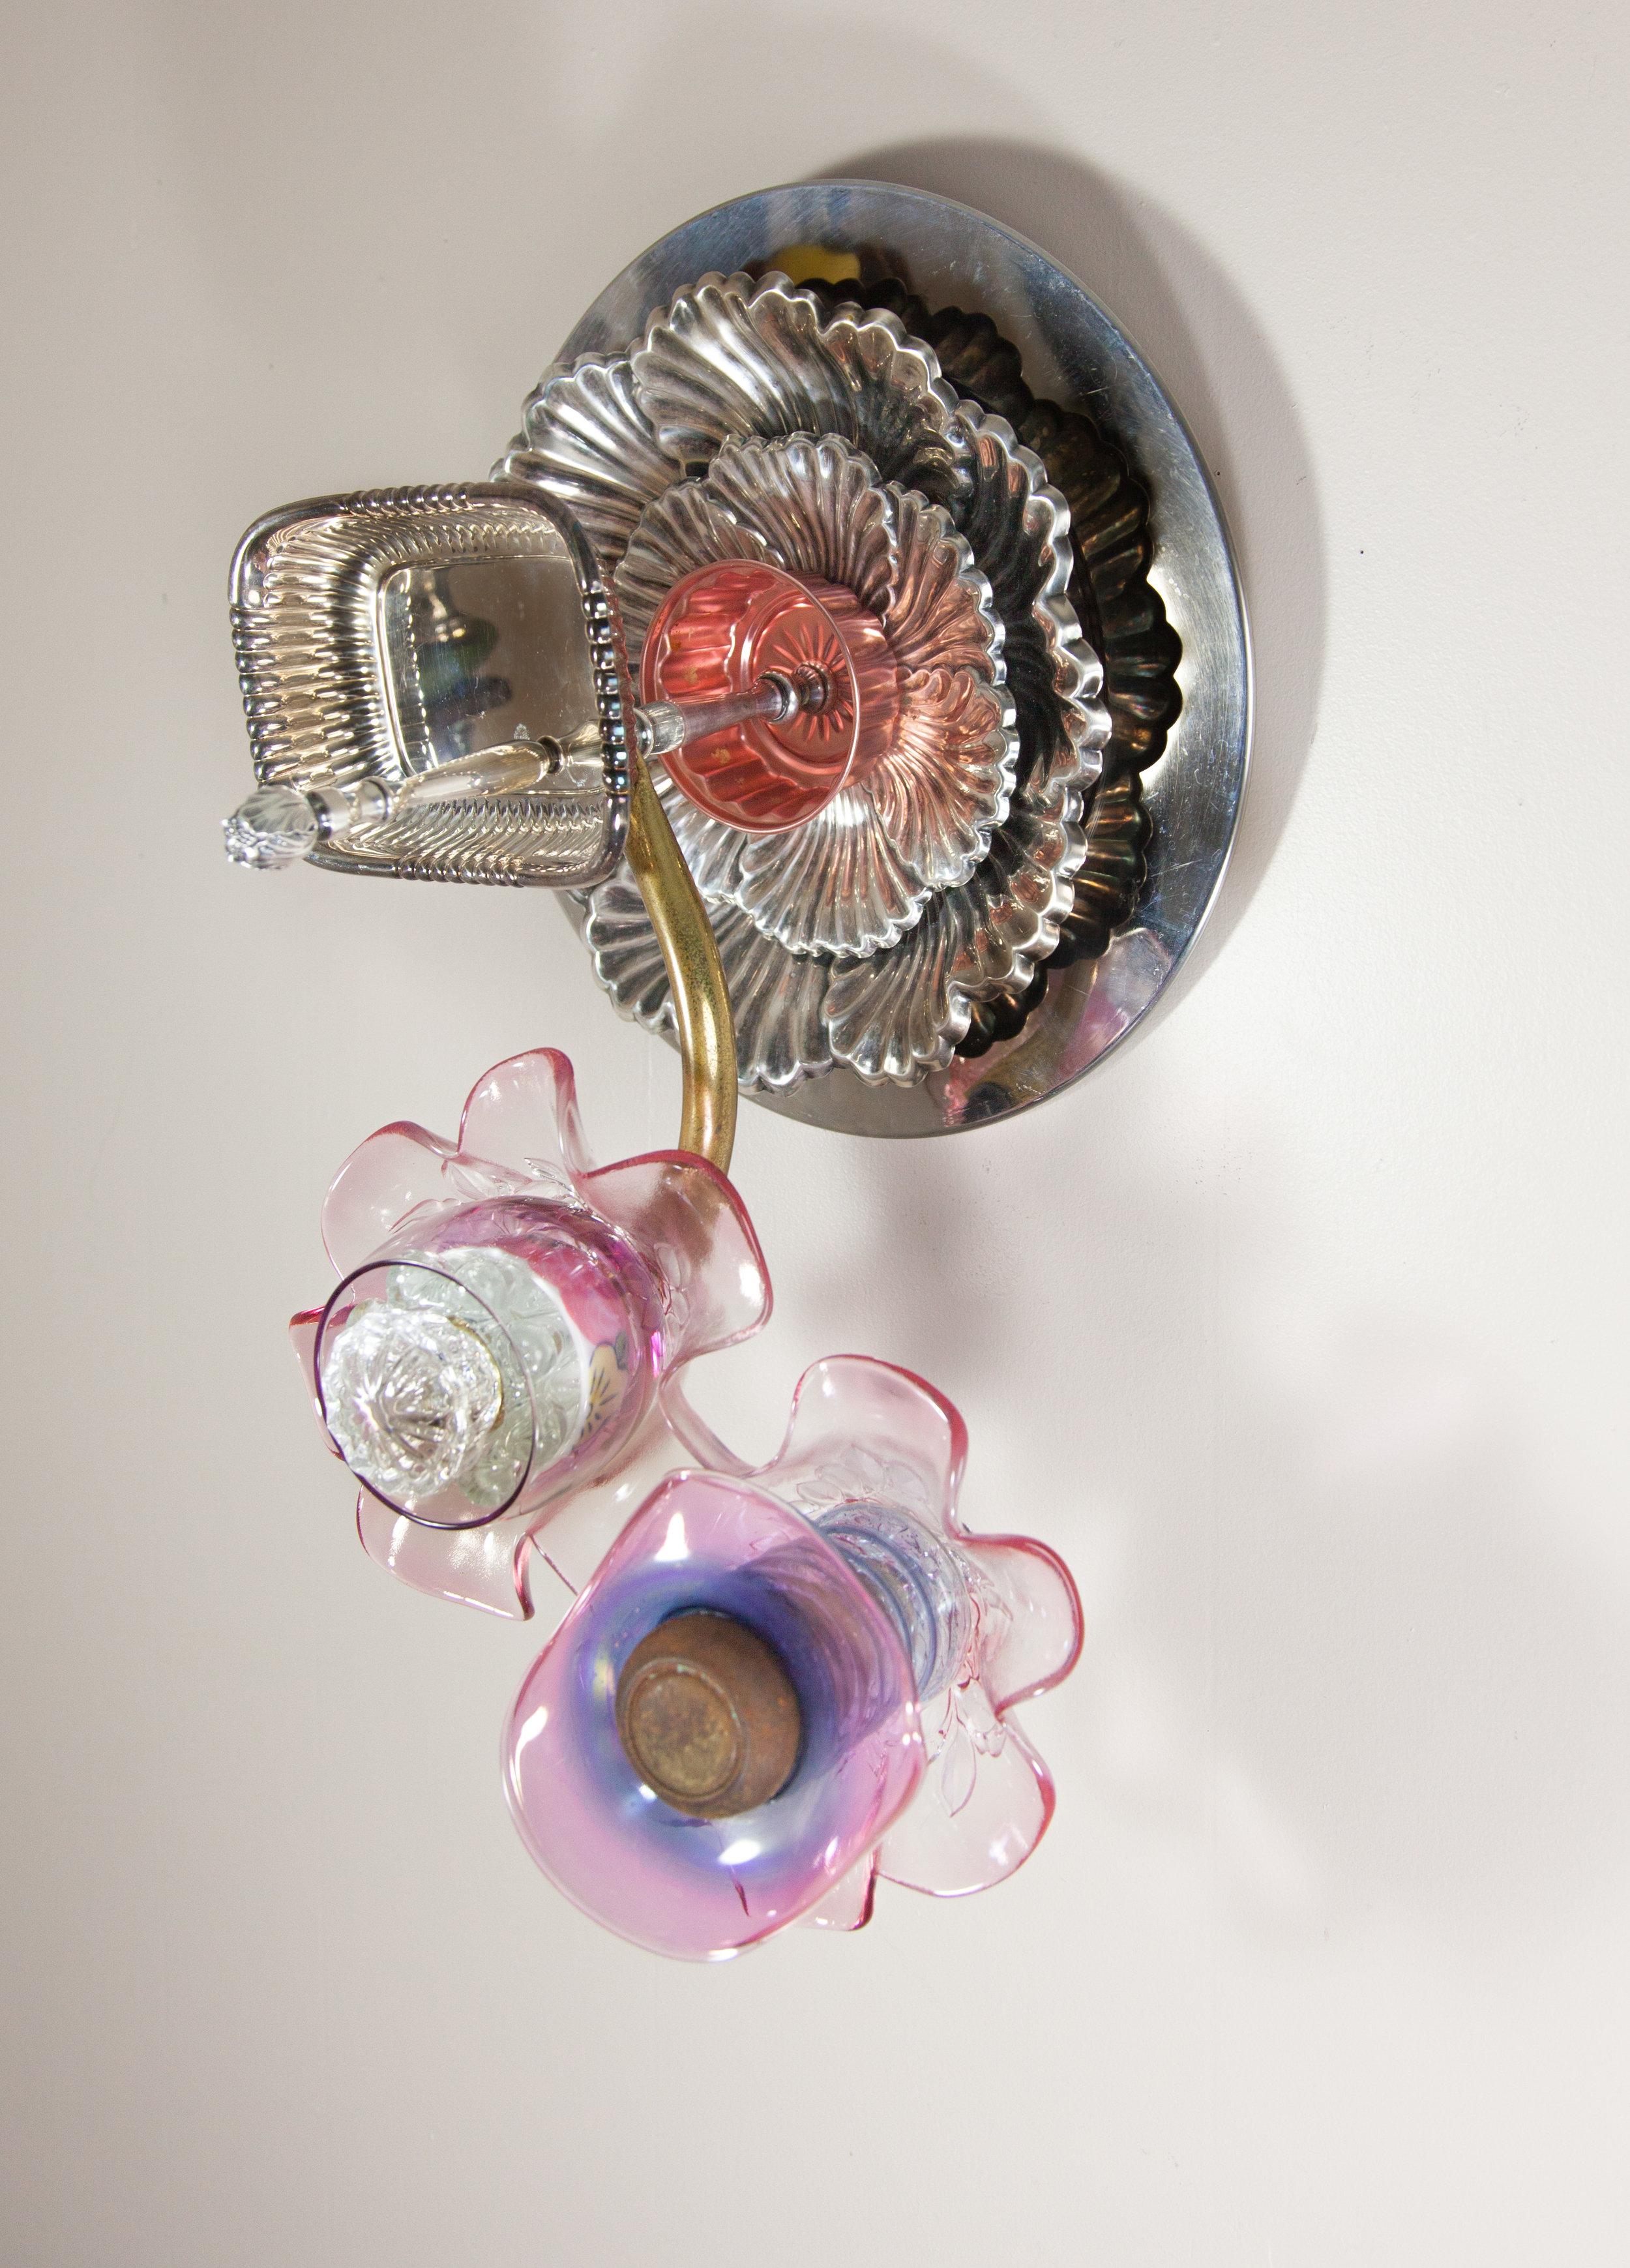 Occhi, 2017 domestic objects, doorknob, steel,11 x 20 x 9 1/4 inches